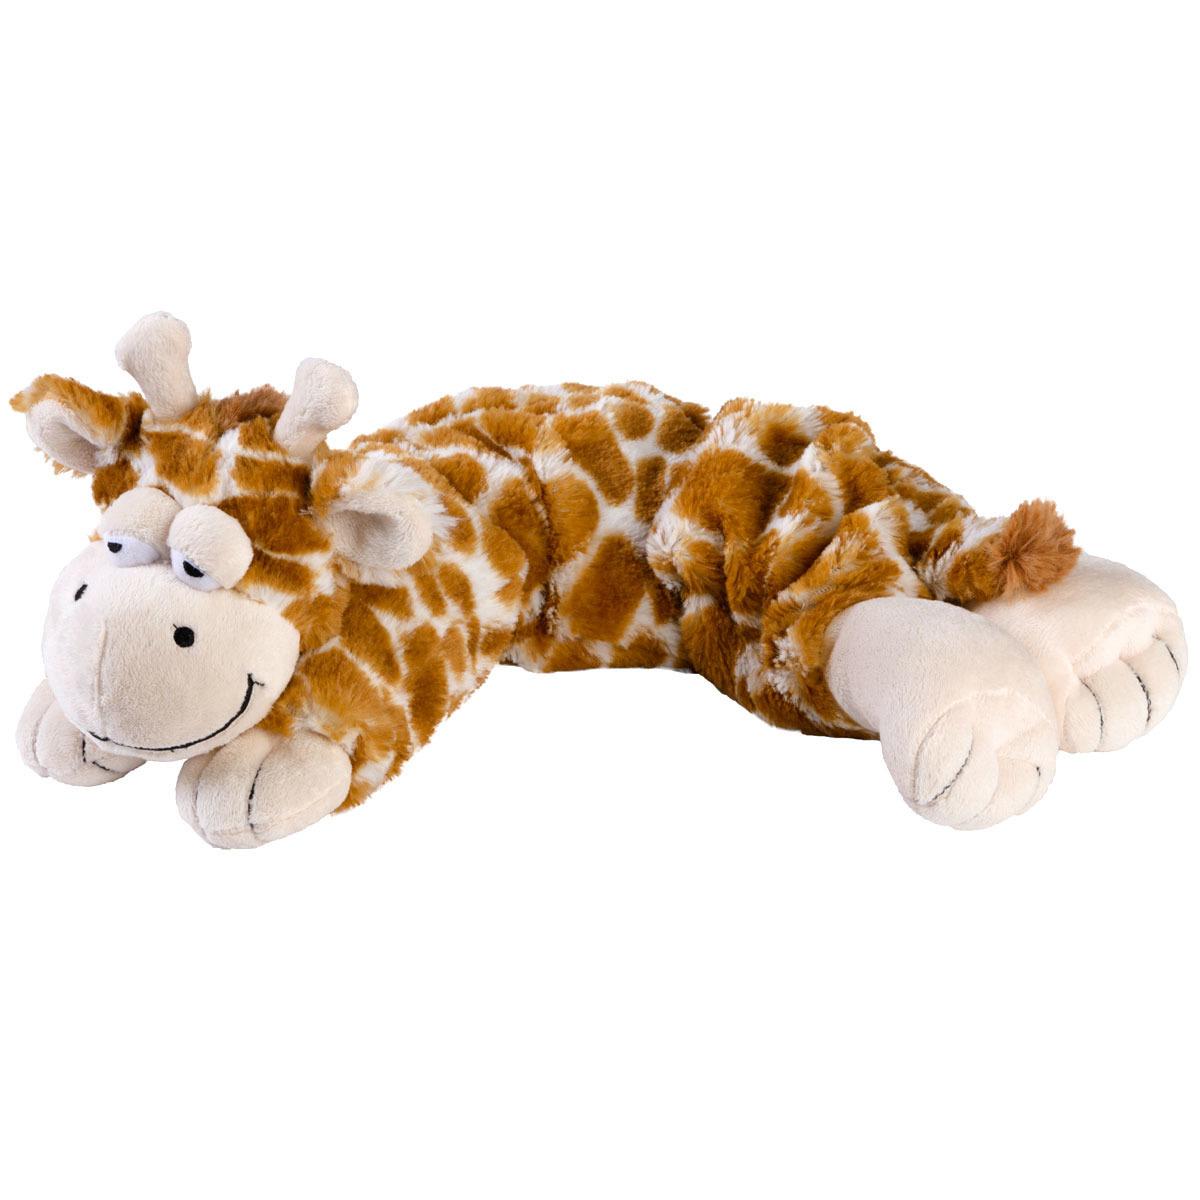 Warmteknuffel giraf geel 50 cm knuffels kopen